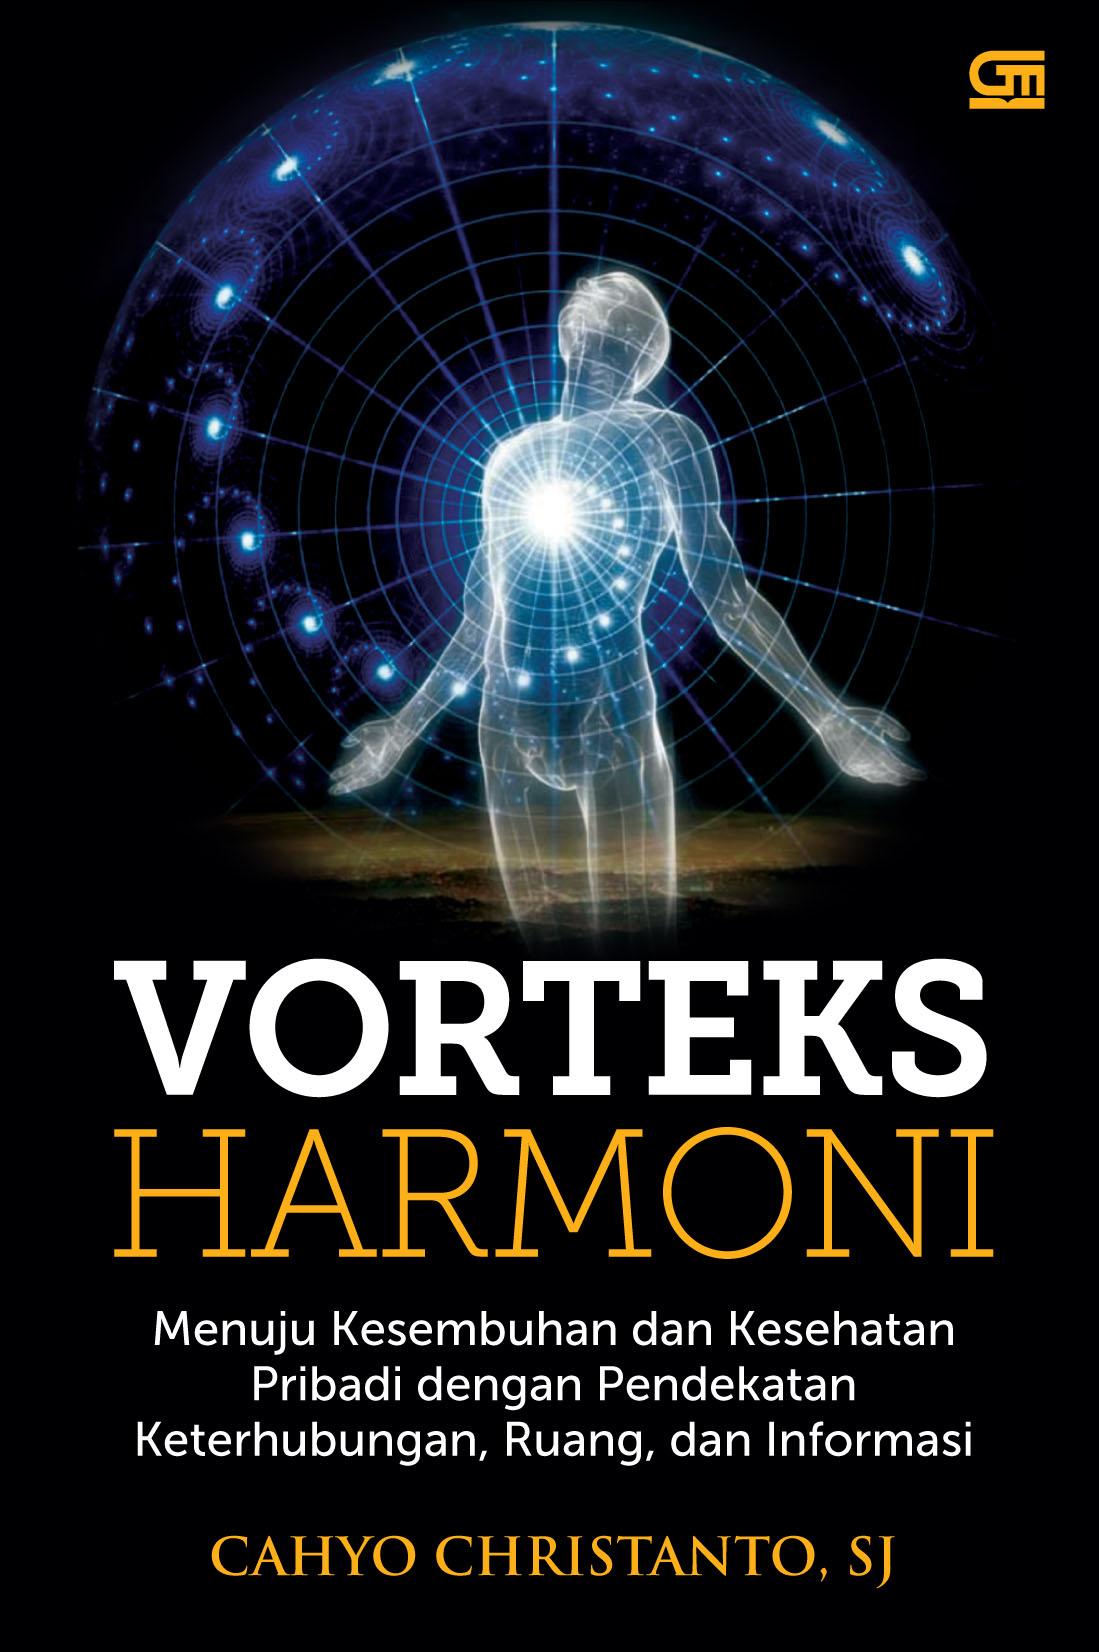 Vorteks Harmoni